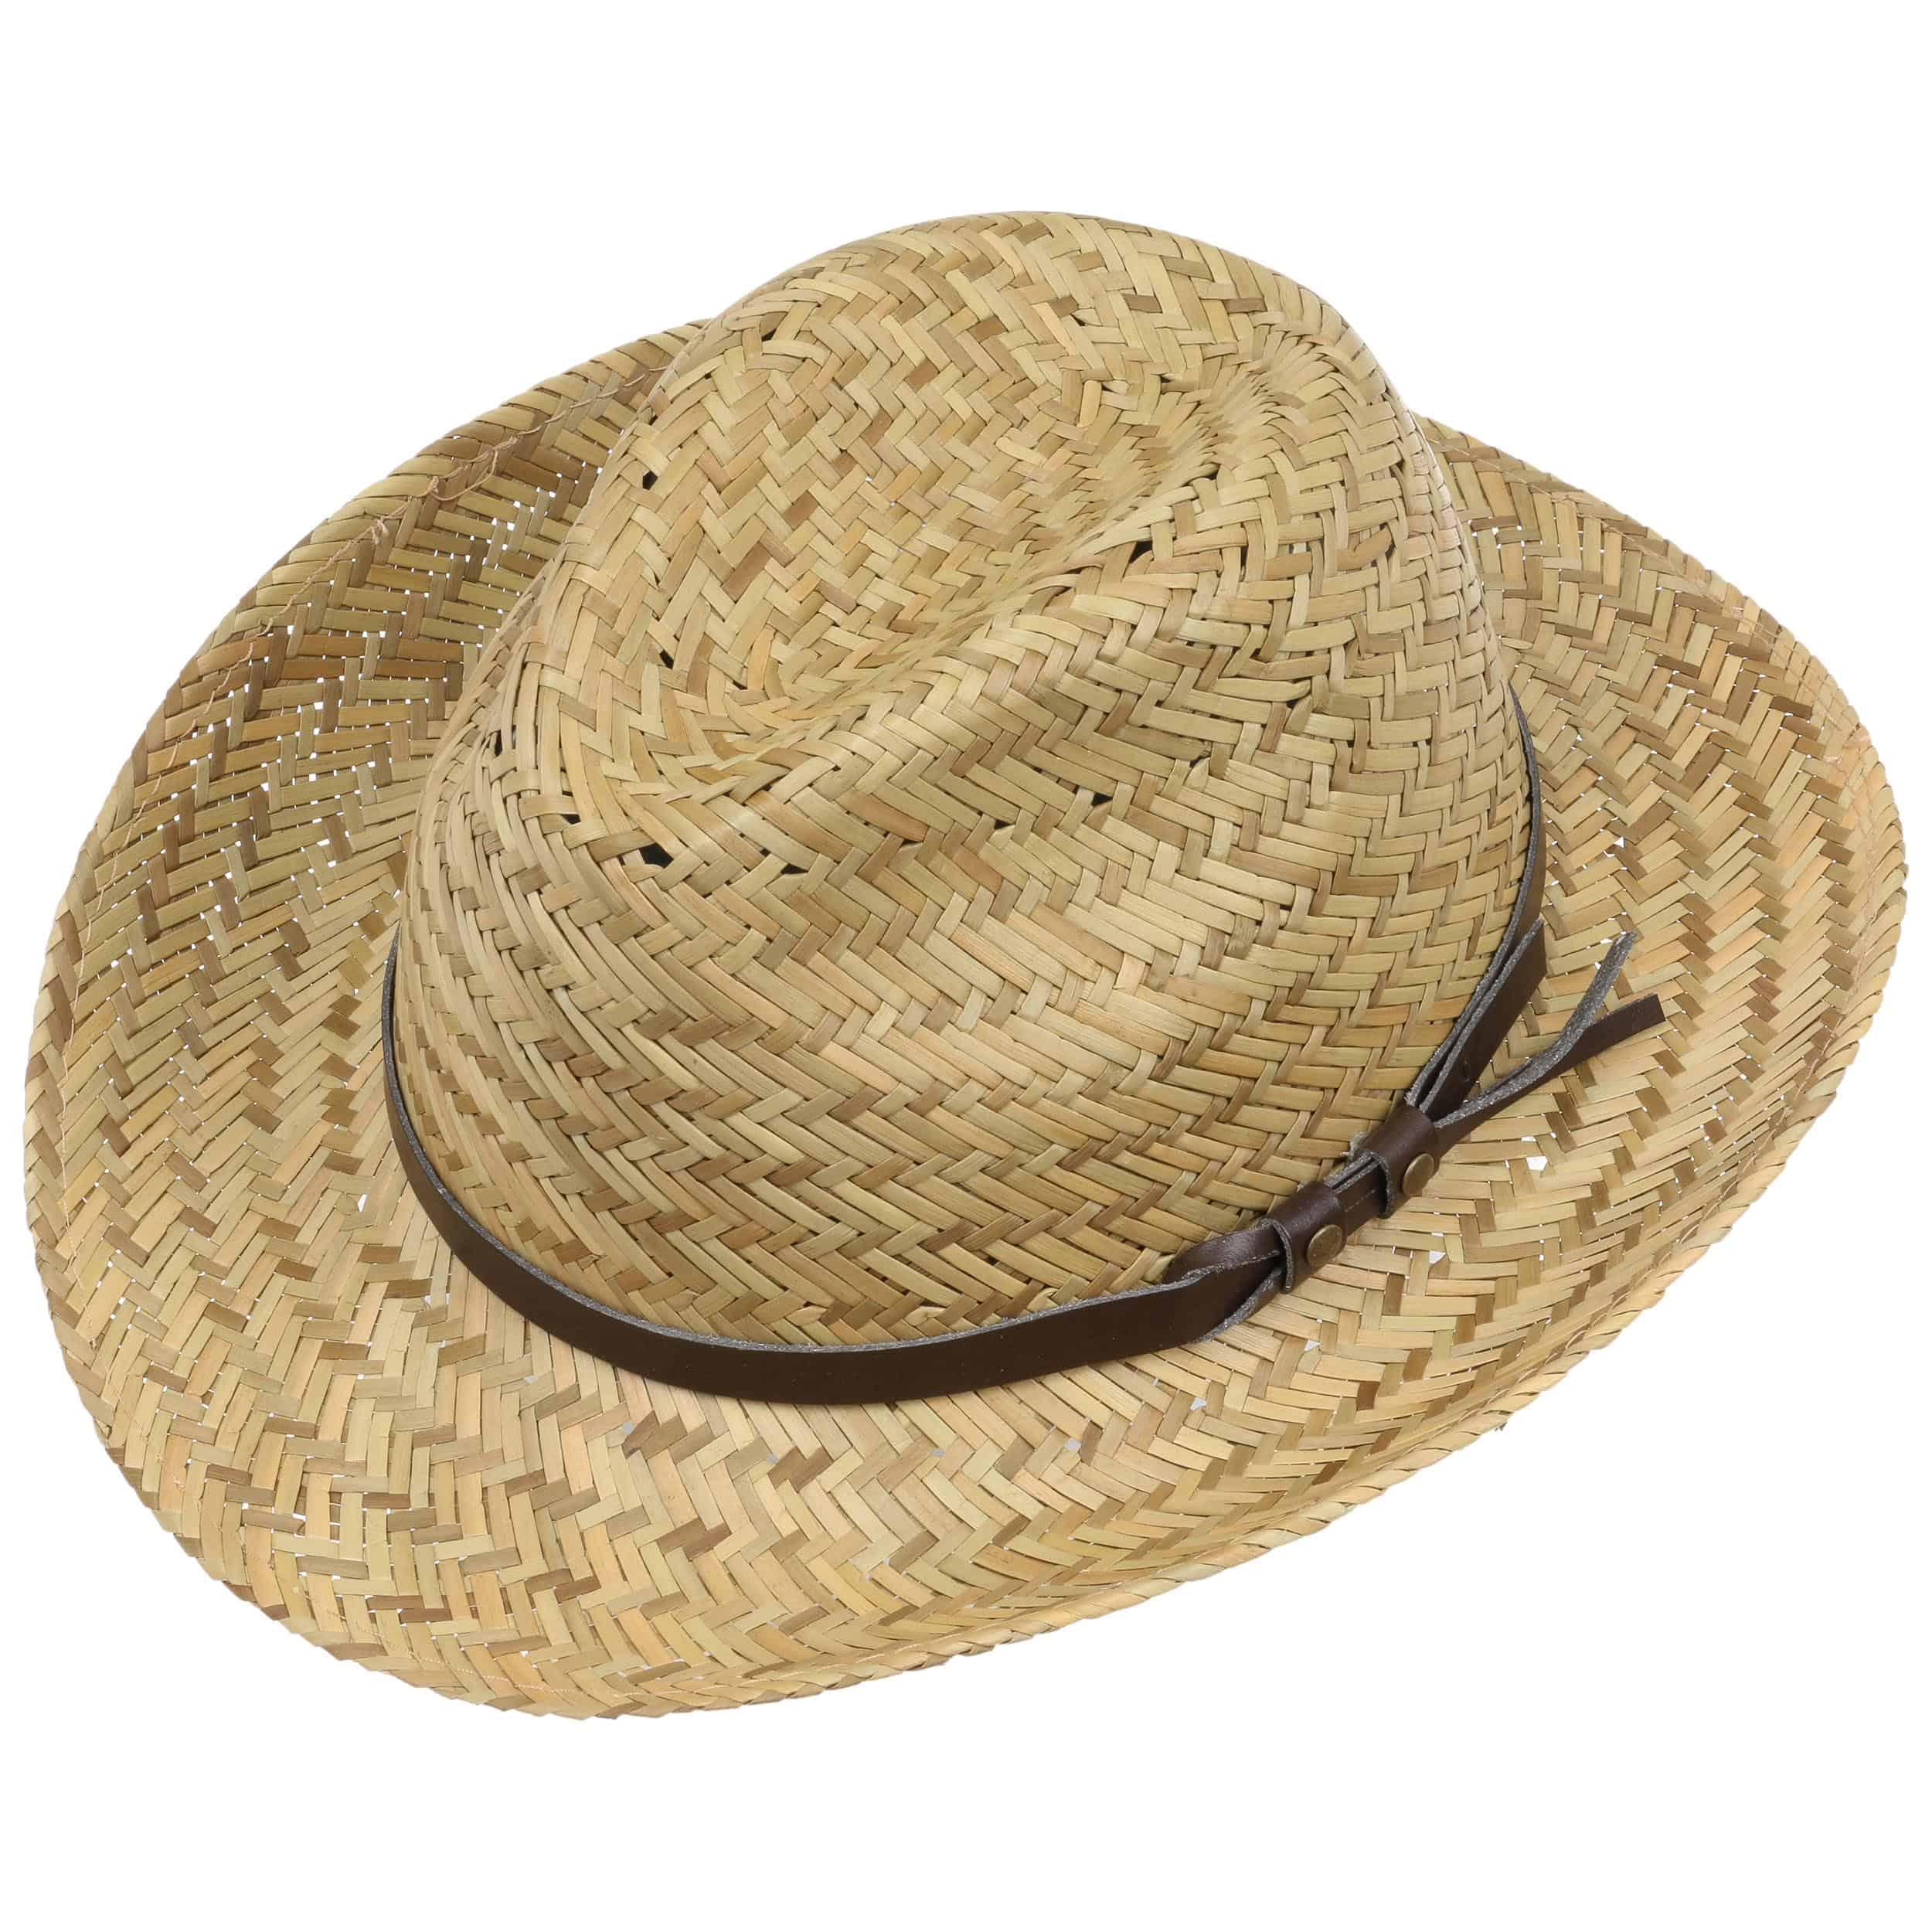 Wyoming Kids Straw Cowboy Hat by Lipodo